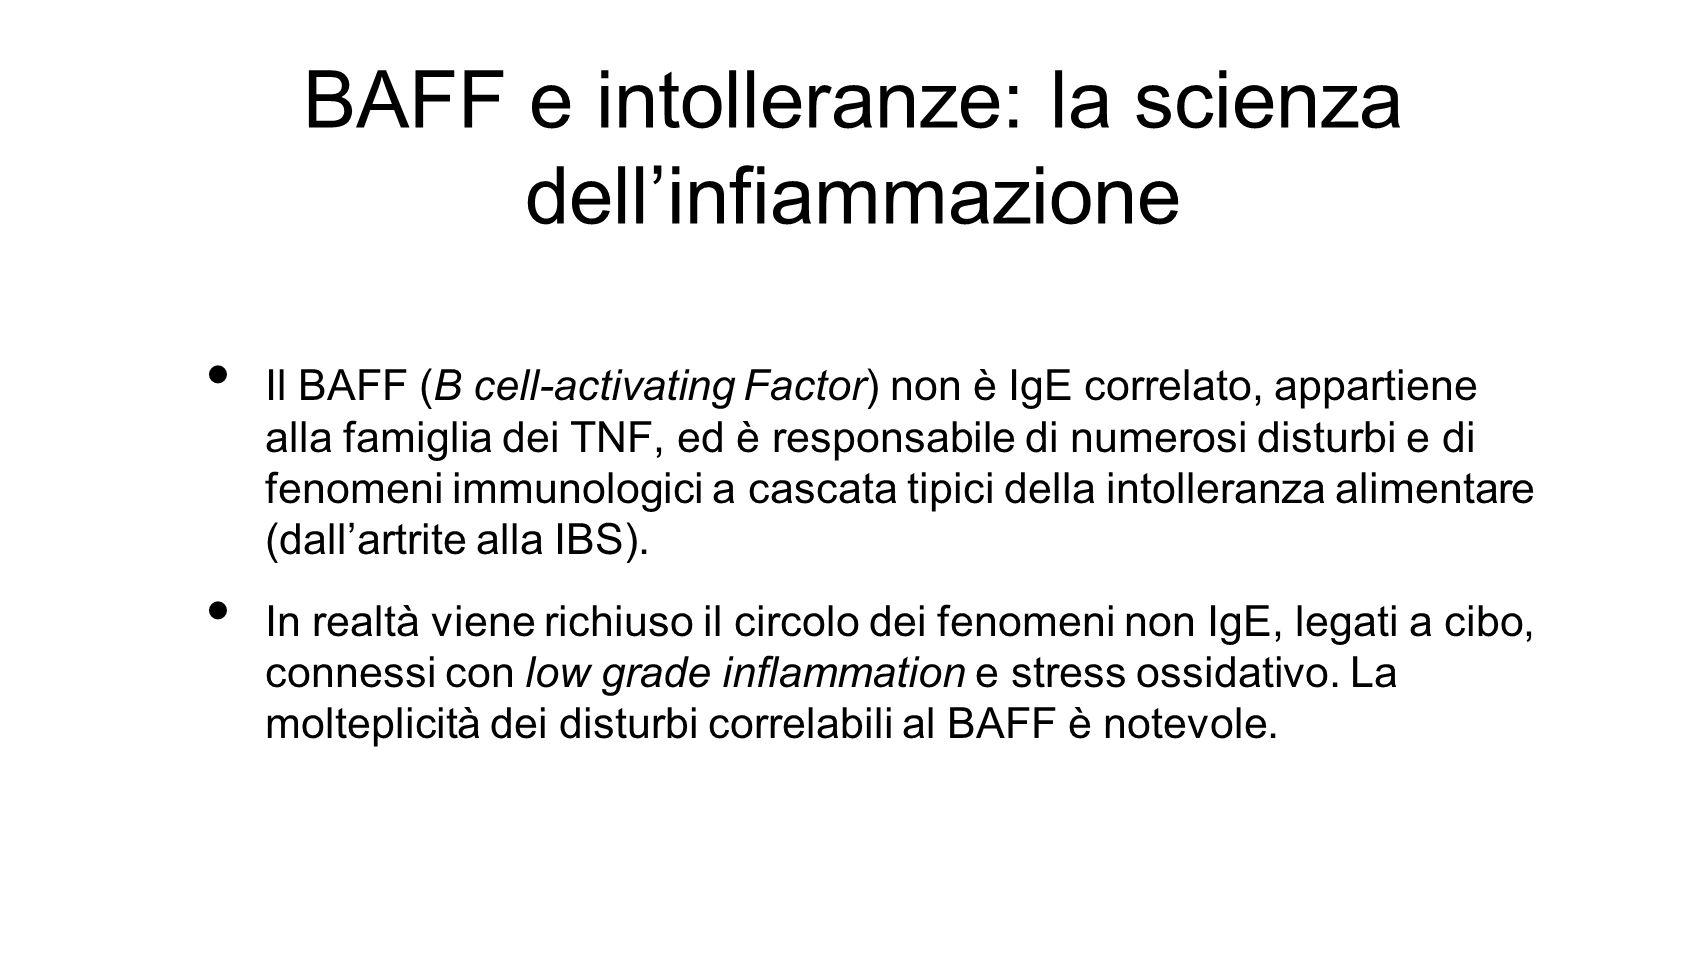 BAFF e intolleranze: la scienza dell'infiammazione